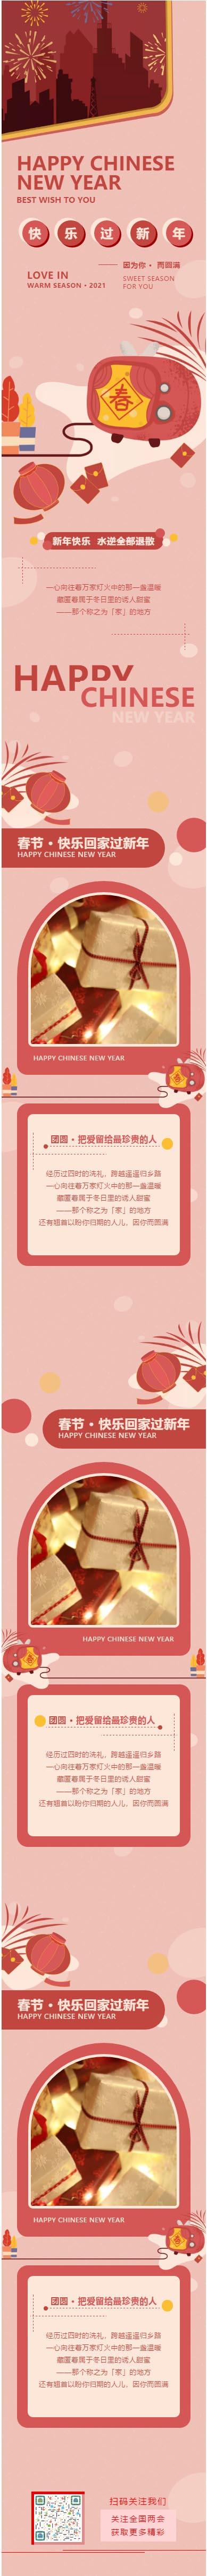 春节新年红色喜庆卡通风格微信公众号图文模板推送文章推文素材